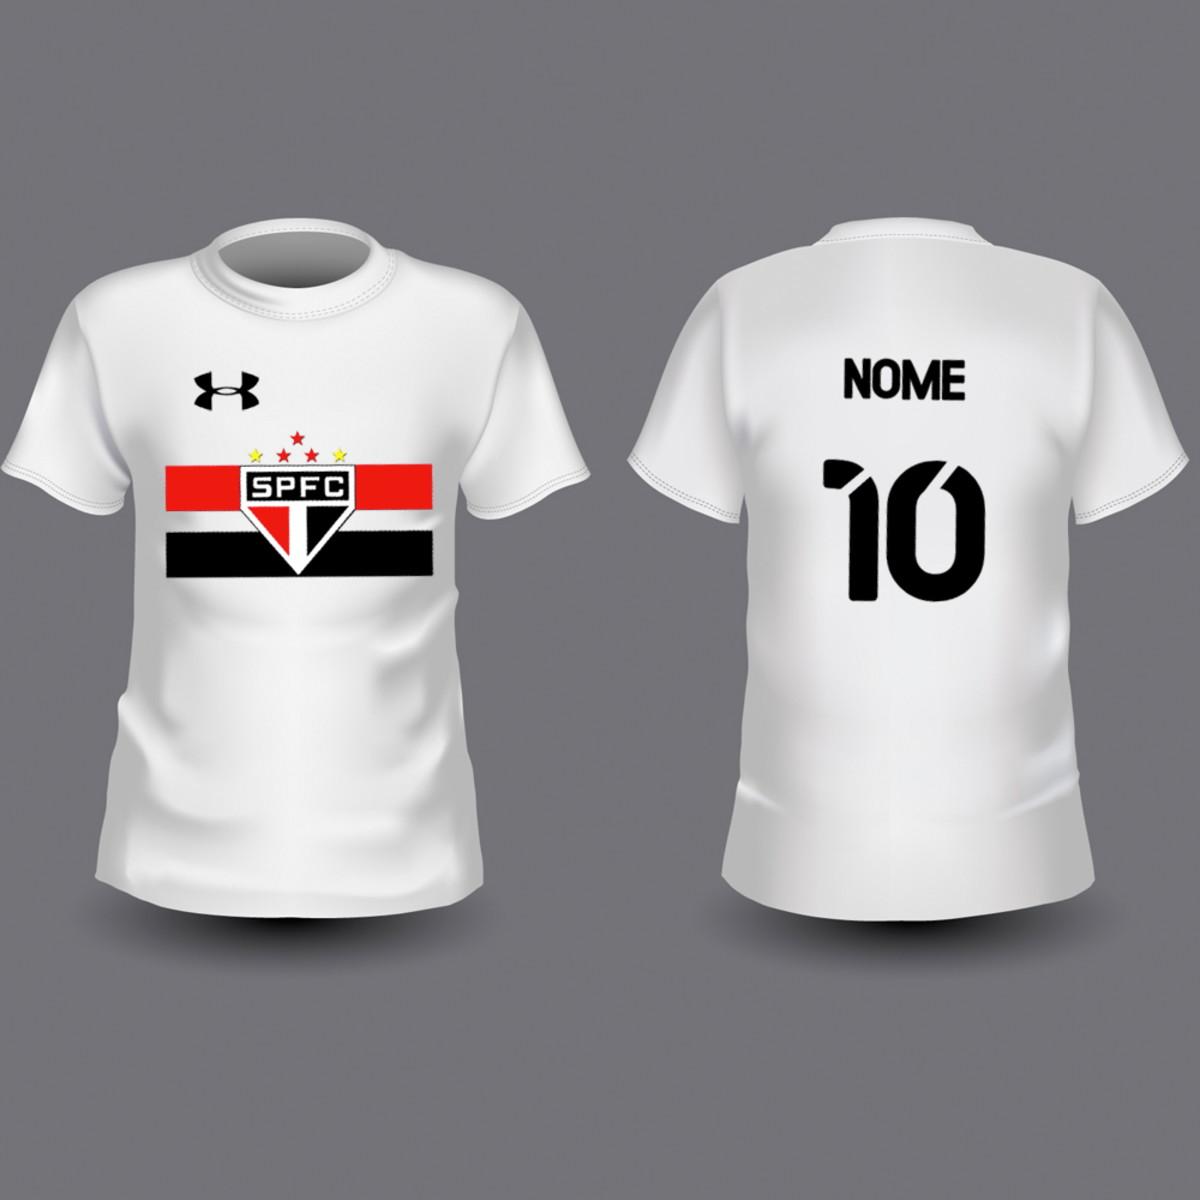 a091f272c Camiseta Infantil São Paulo Personalizada no Elo7 | Território do ...